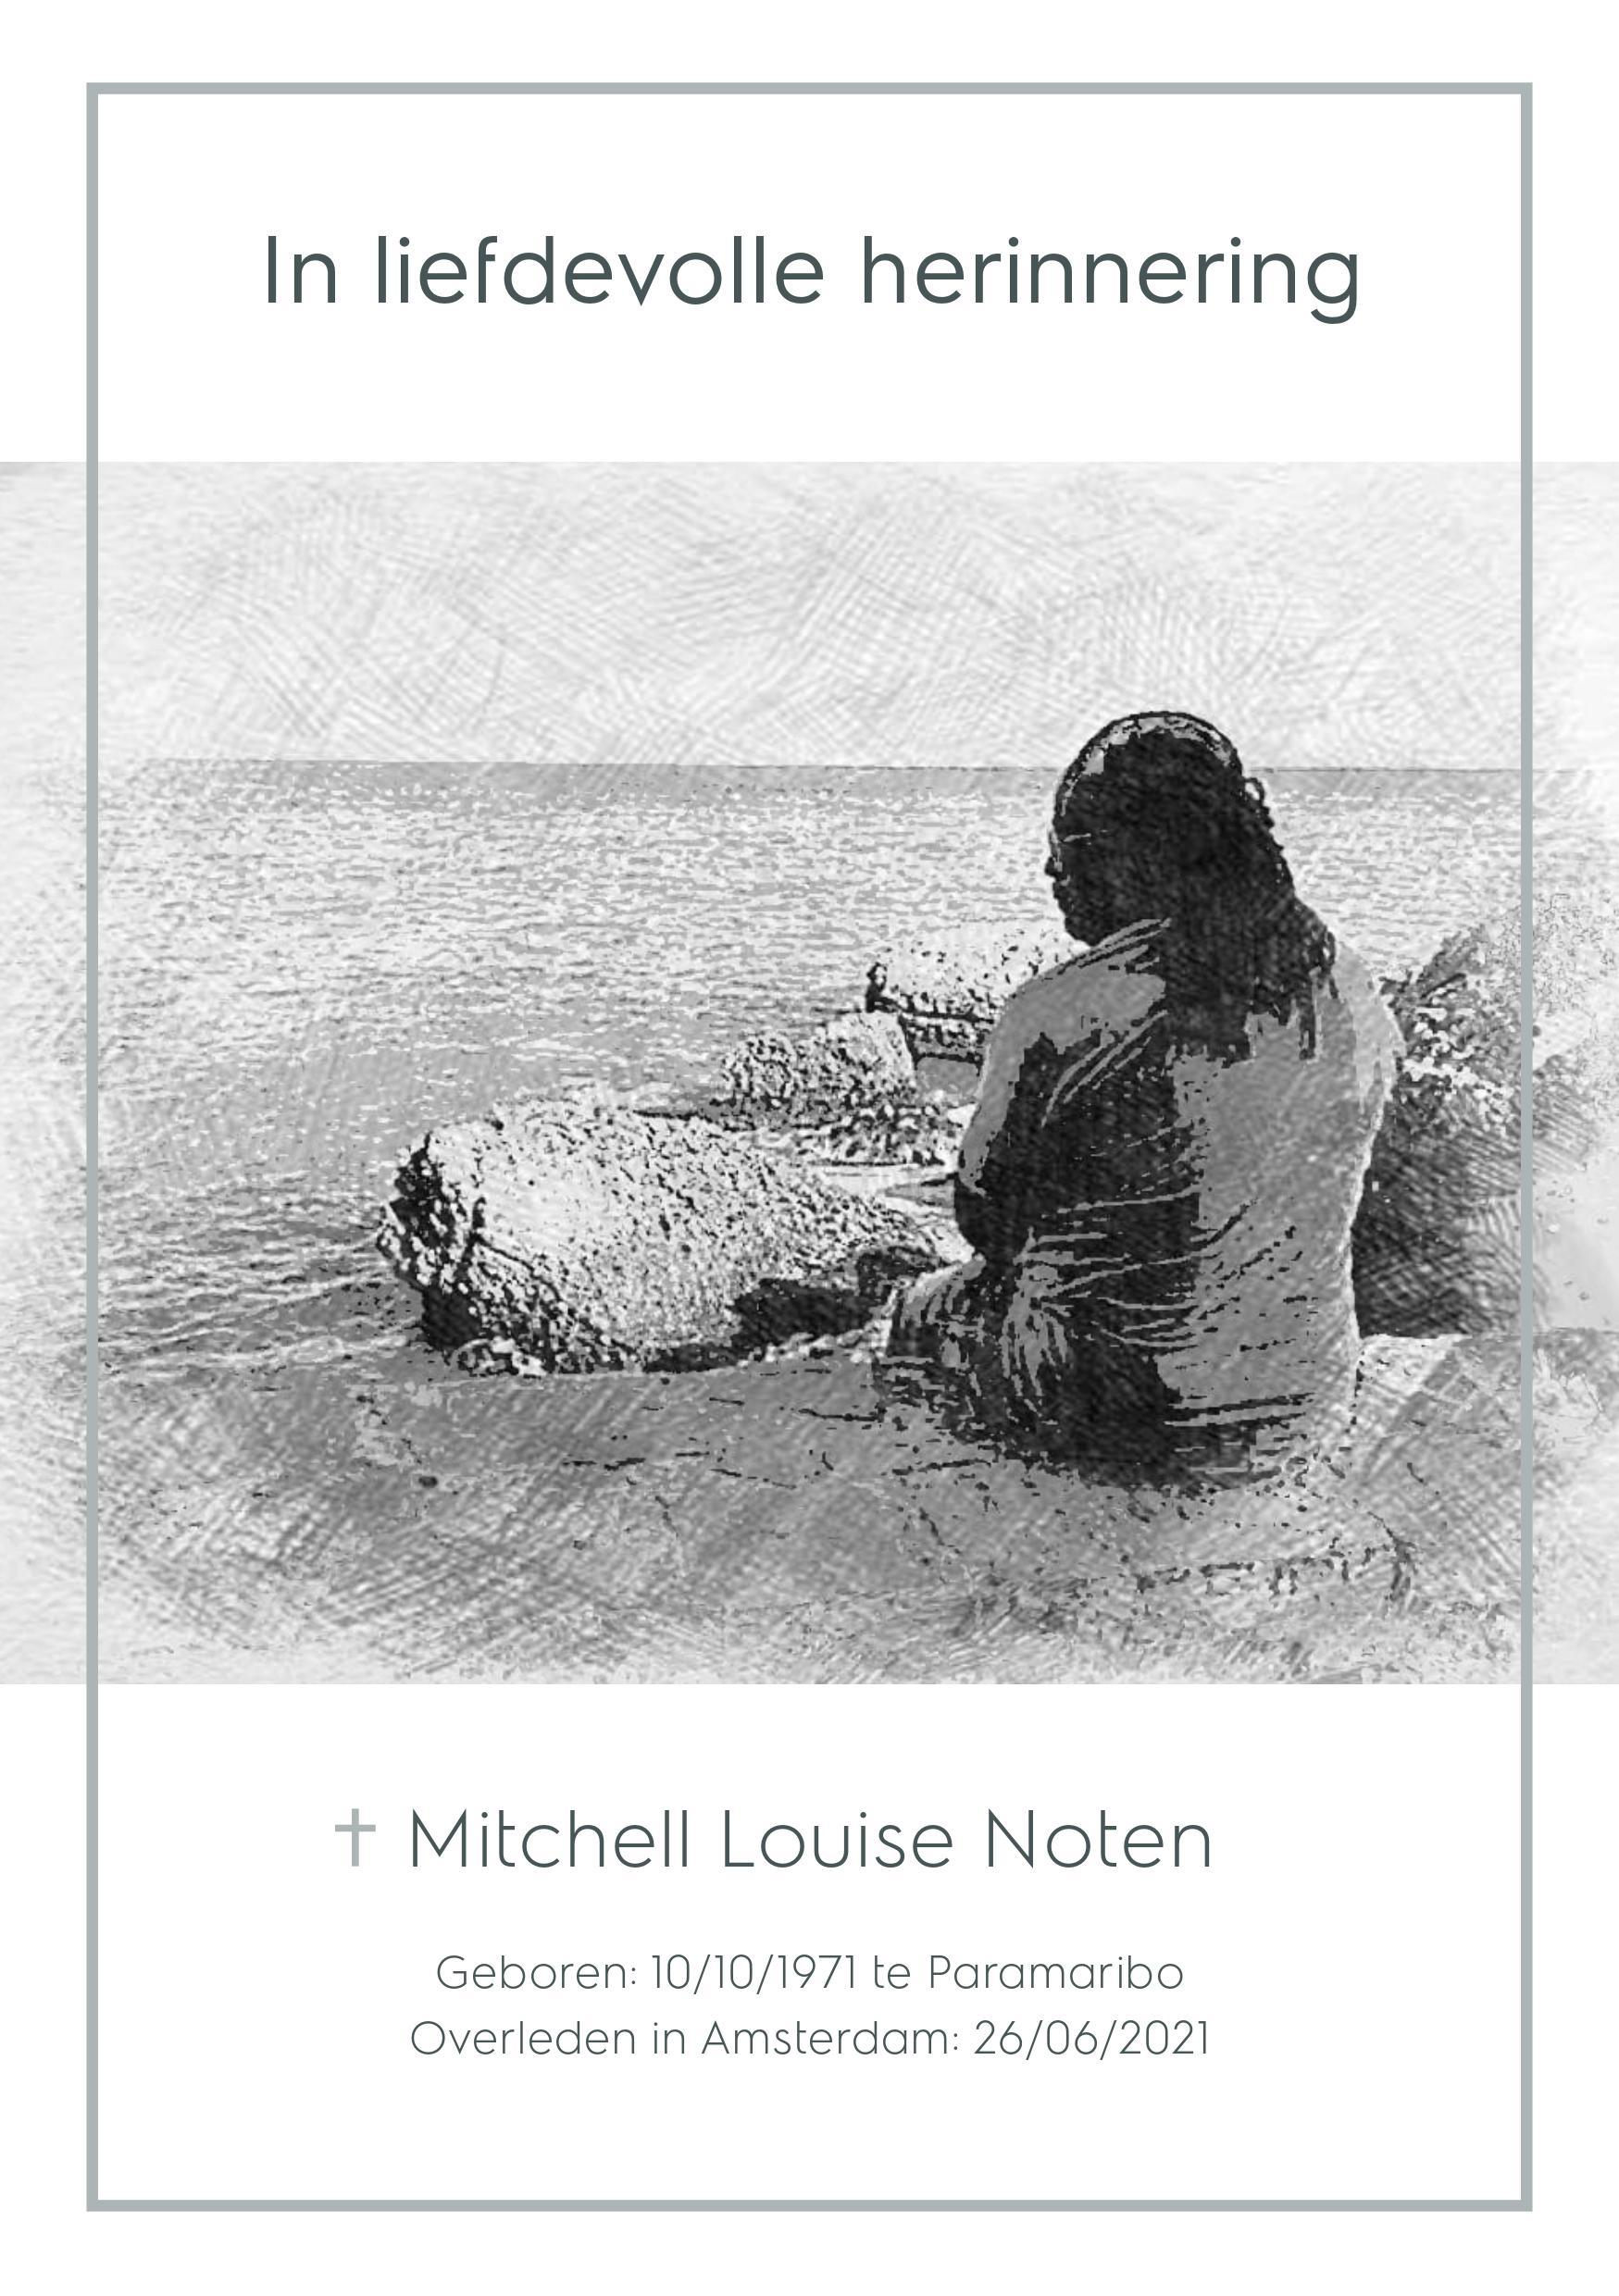 Mitchell Noten Nederland